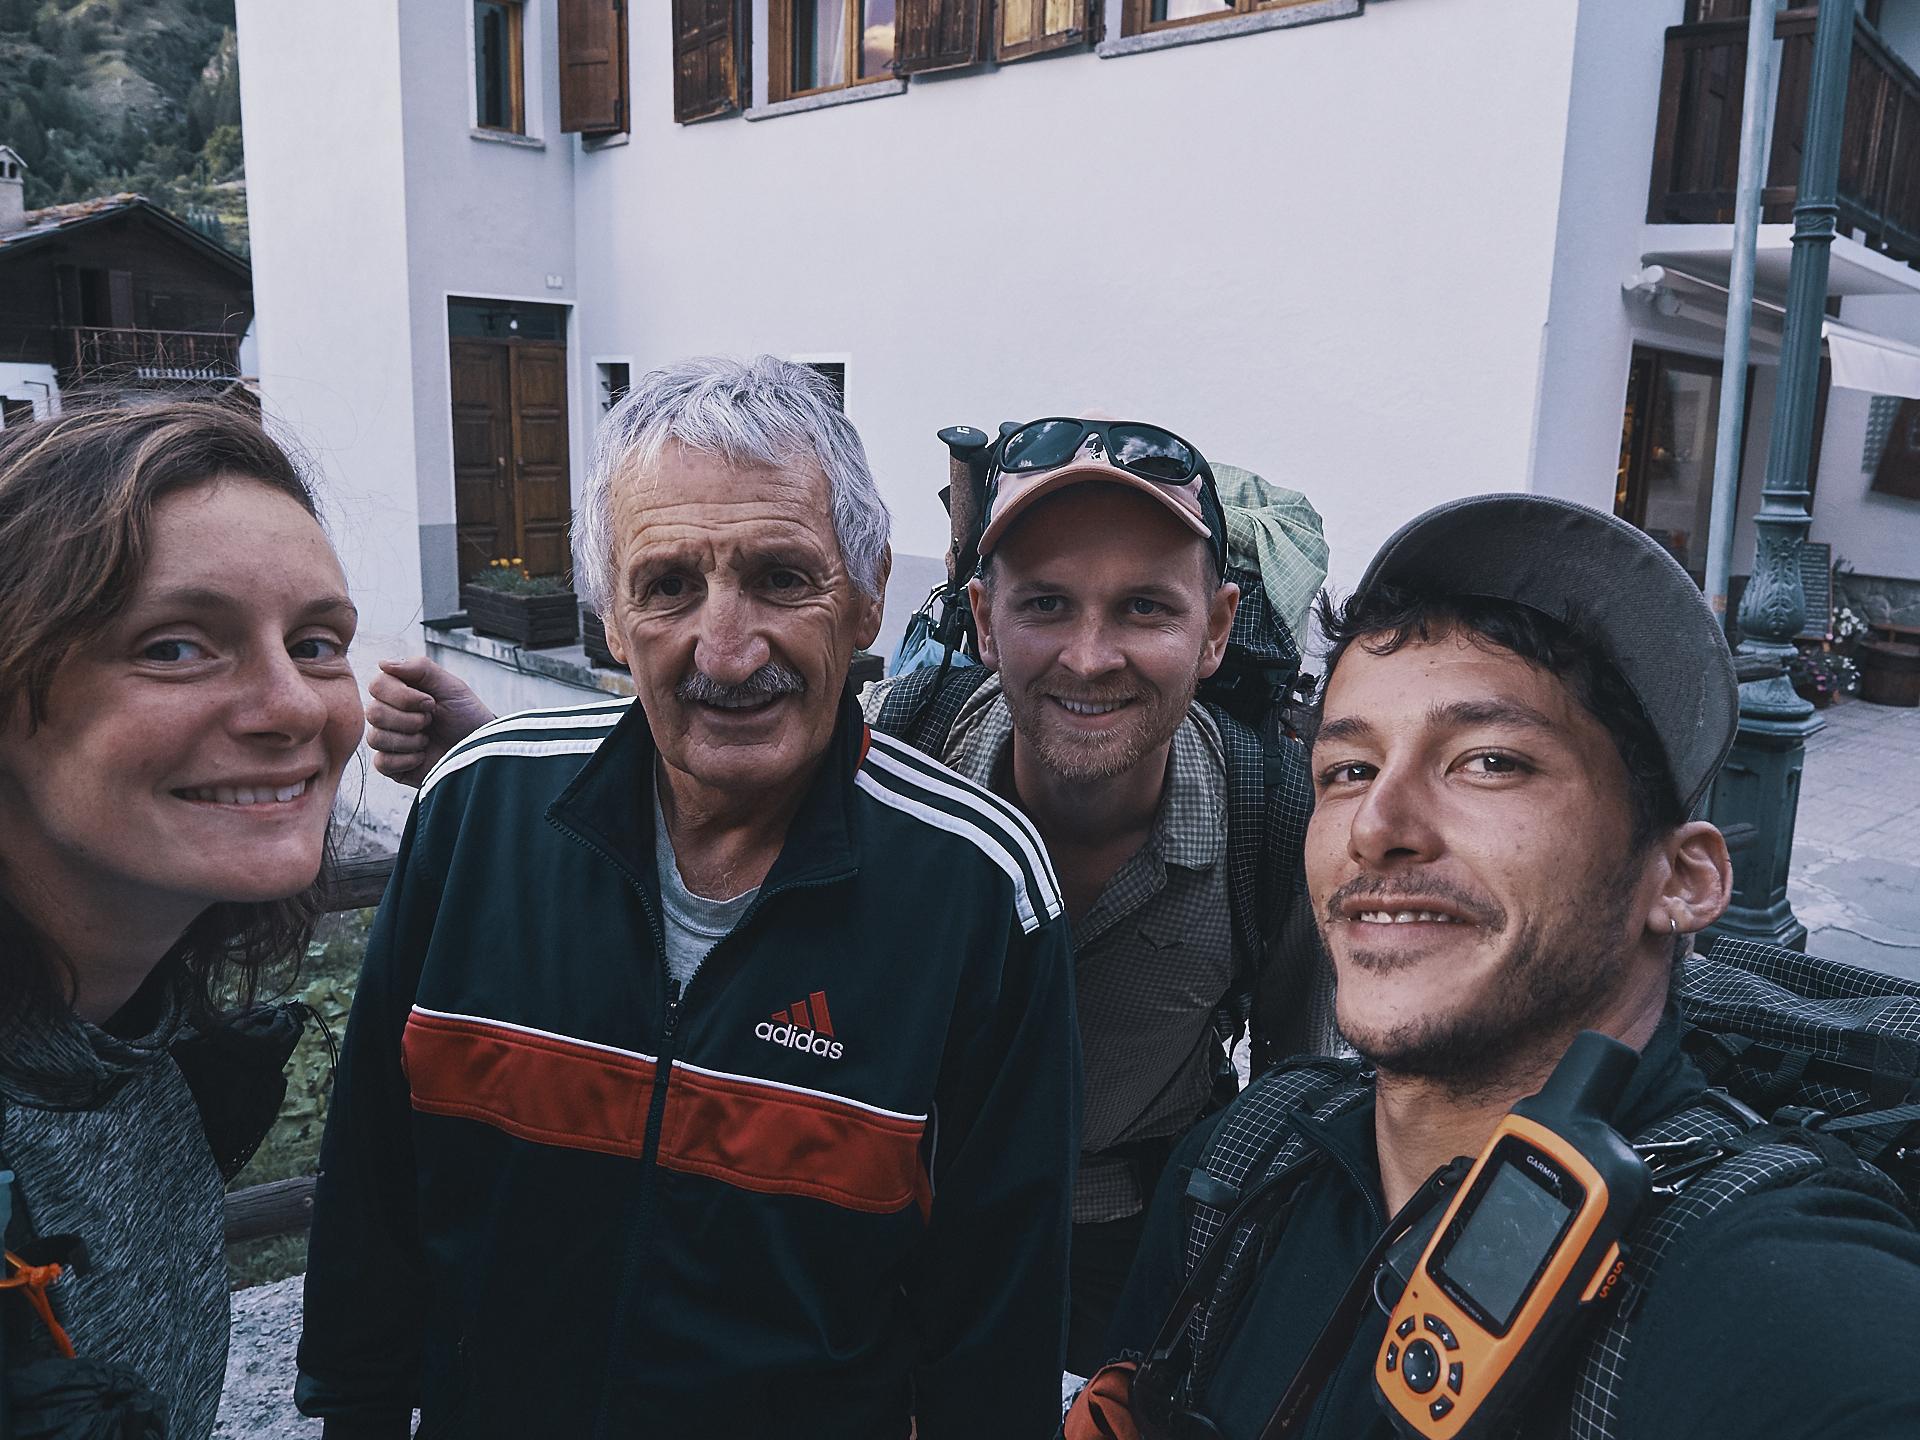 2PVA_-_ITALY_-août_14_2018_-_647